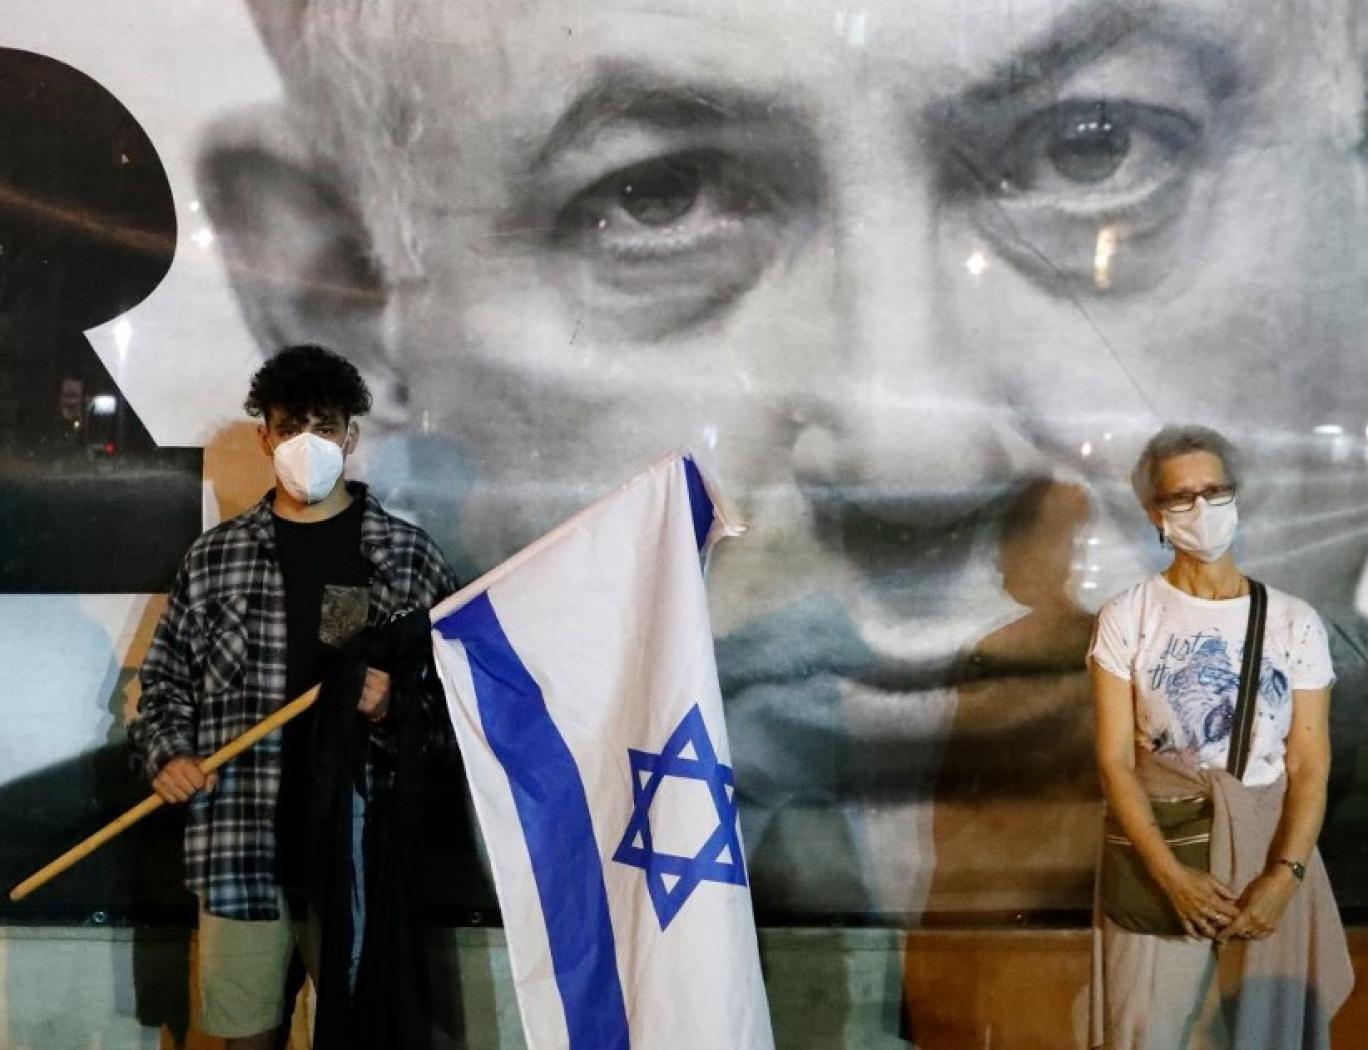 اگر روزی اسرائیل دیگر حمایت اقتصادی آمریکا رانداشته باشدتل آویو سقوط میکند؟